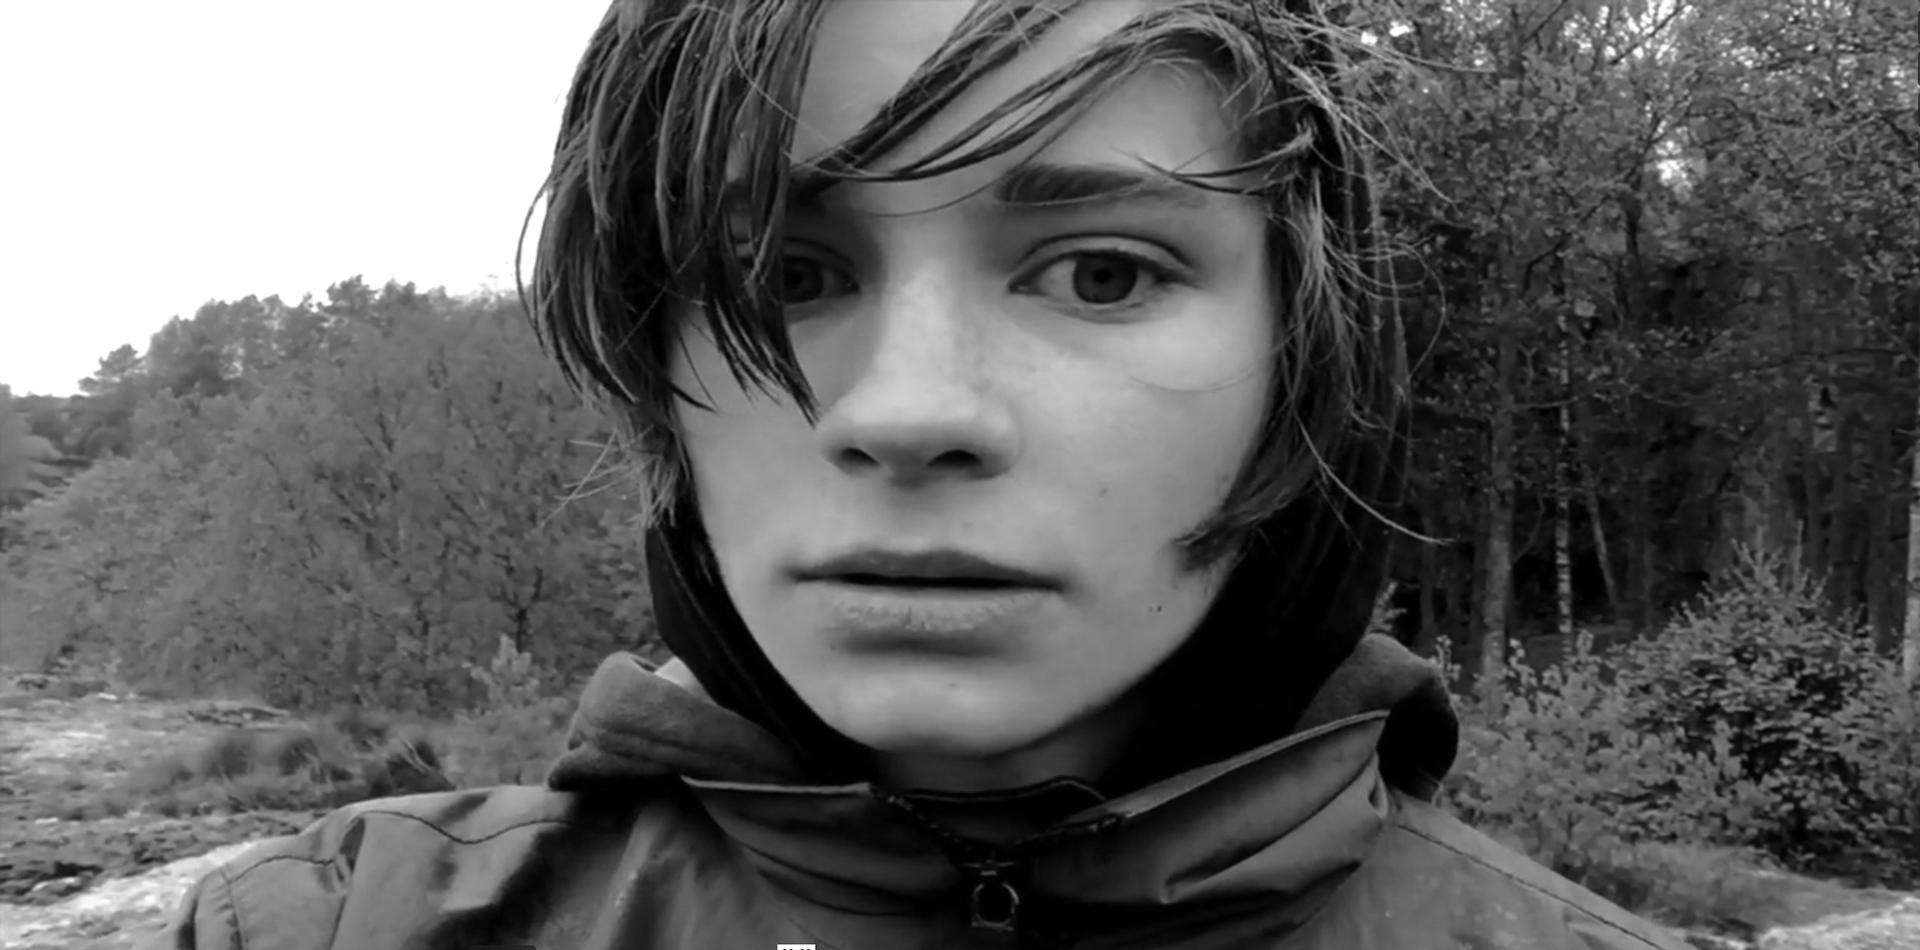 Anton Forsdik as Olle Samuelsson